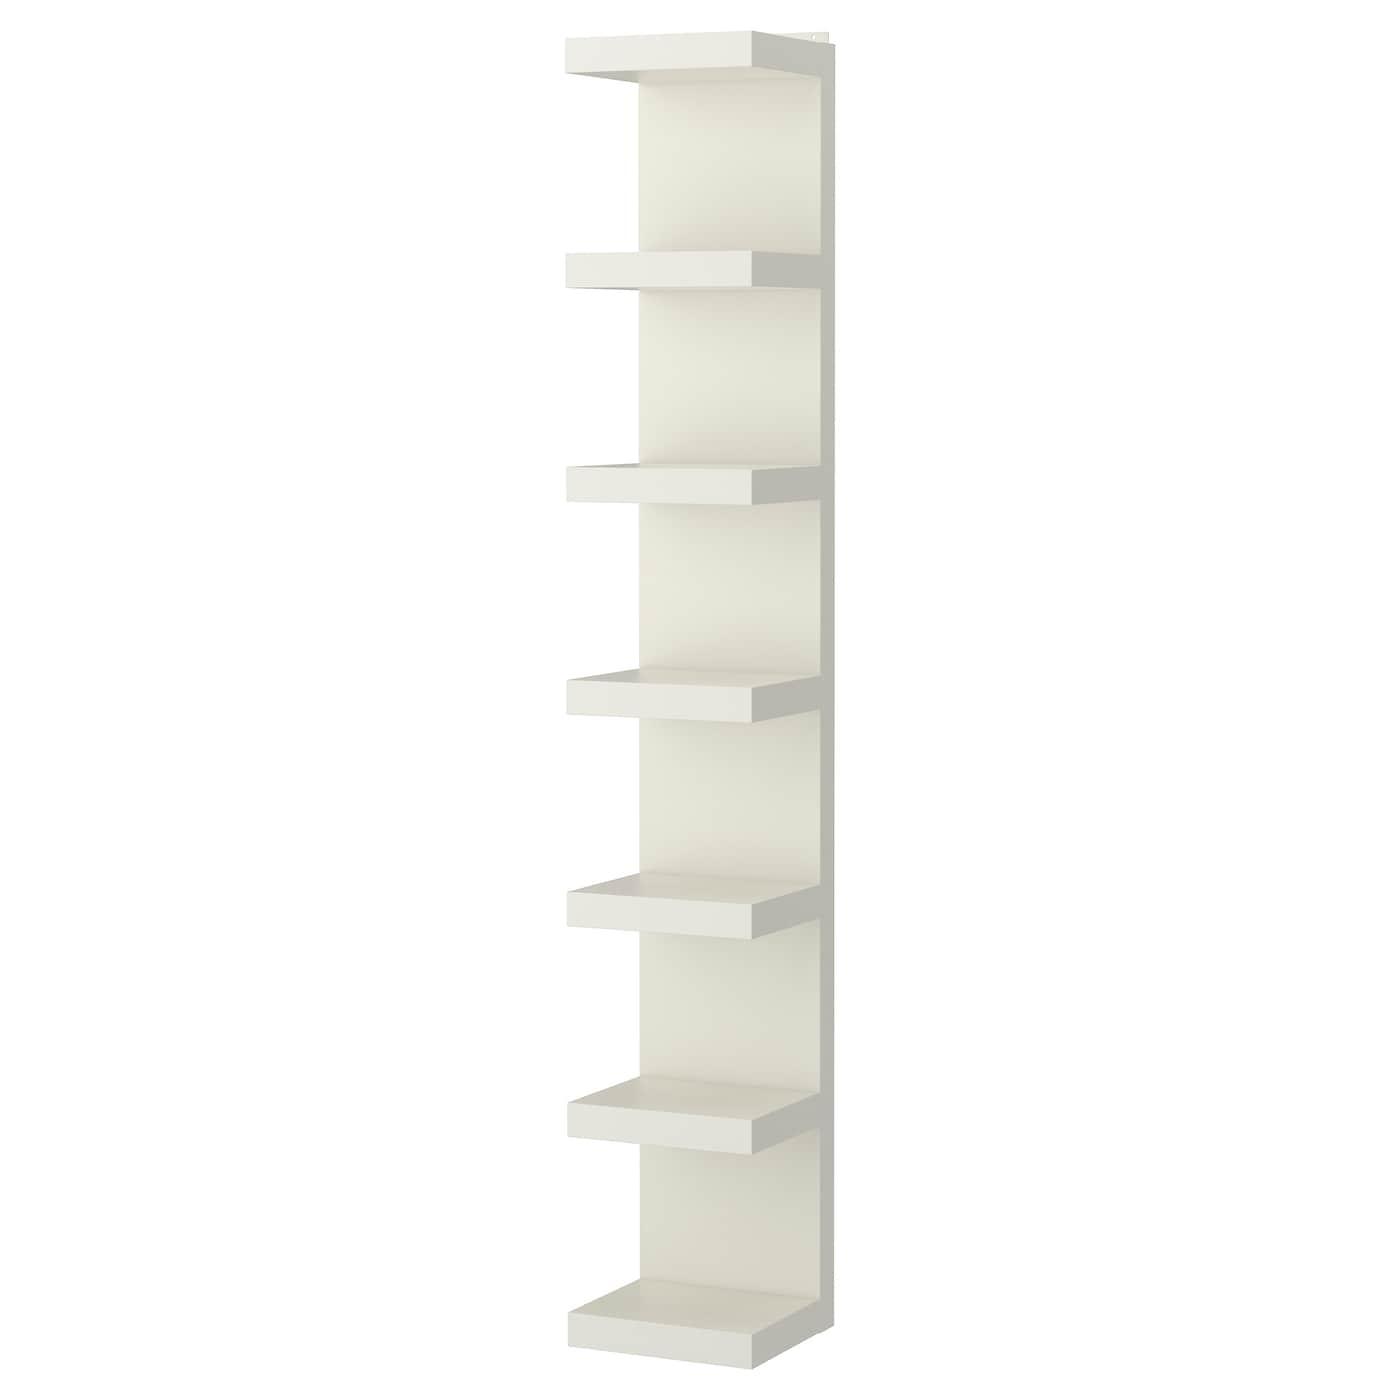 Ikea LACK Wandregal in wei/ß